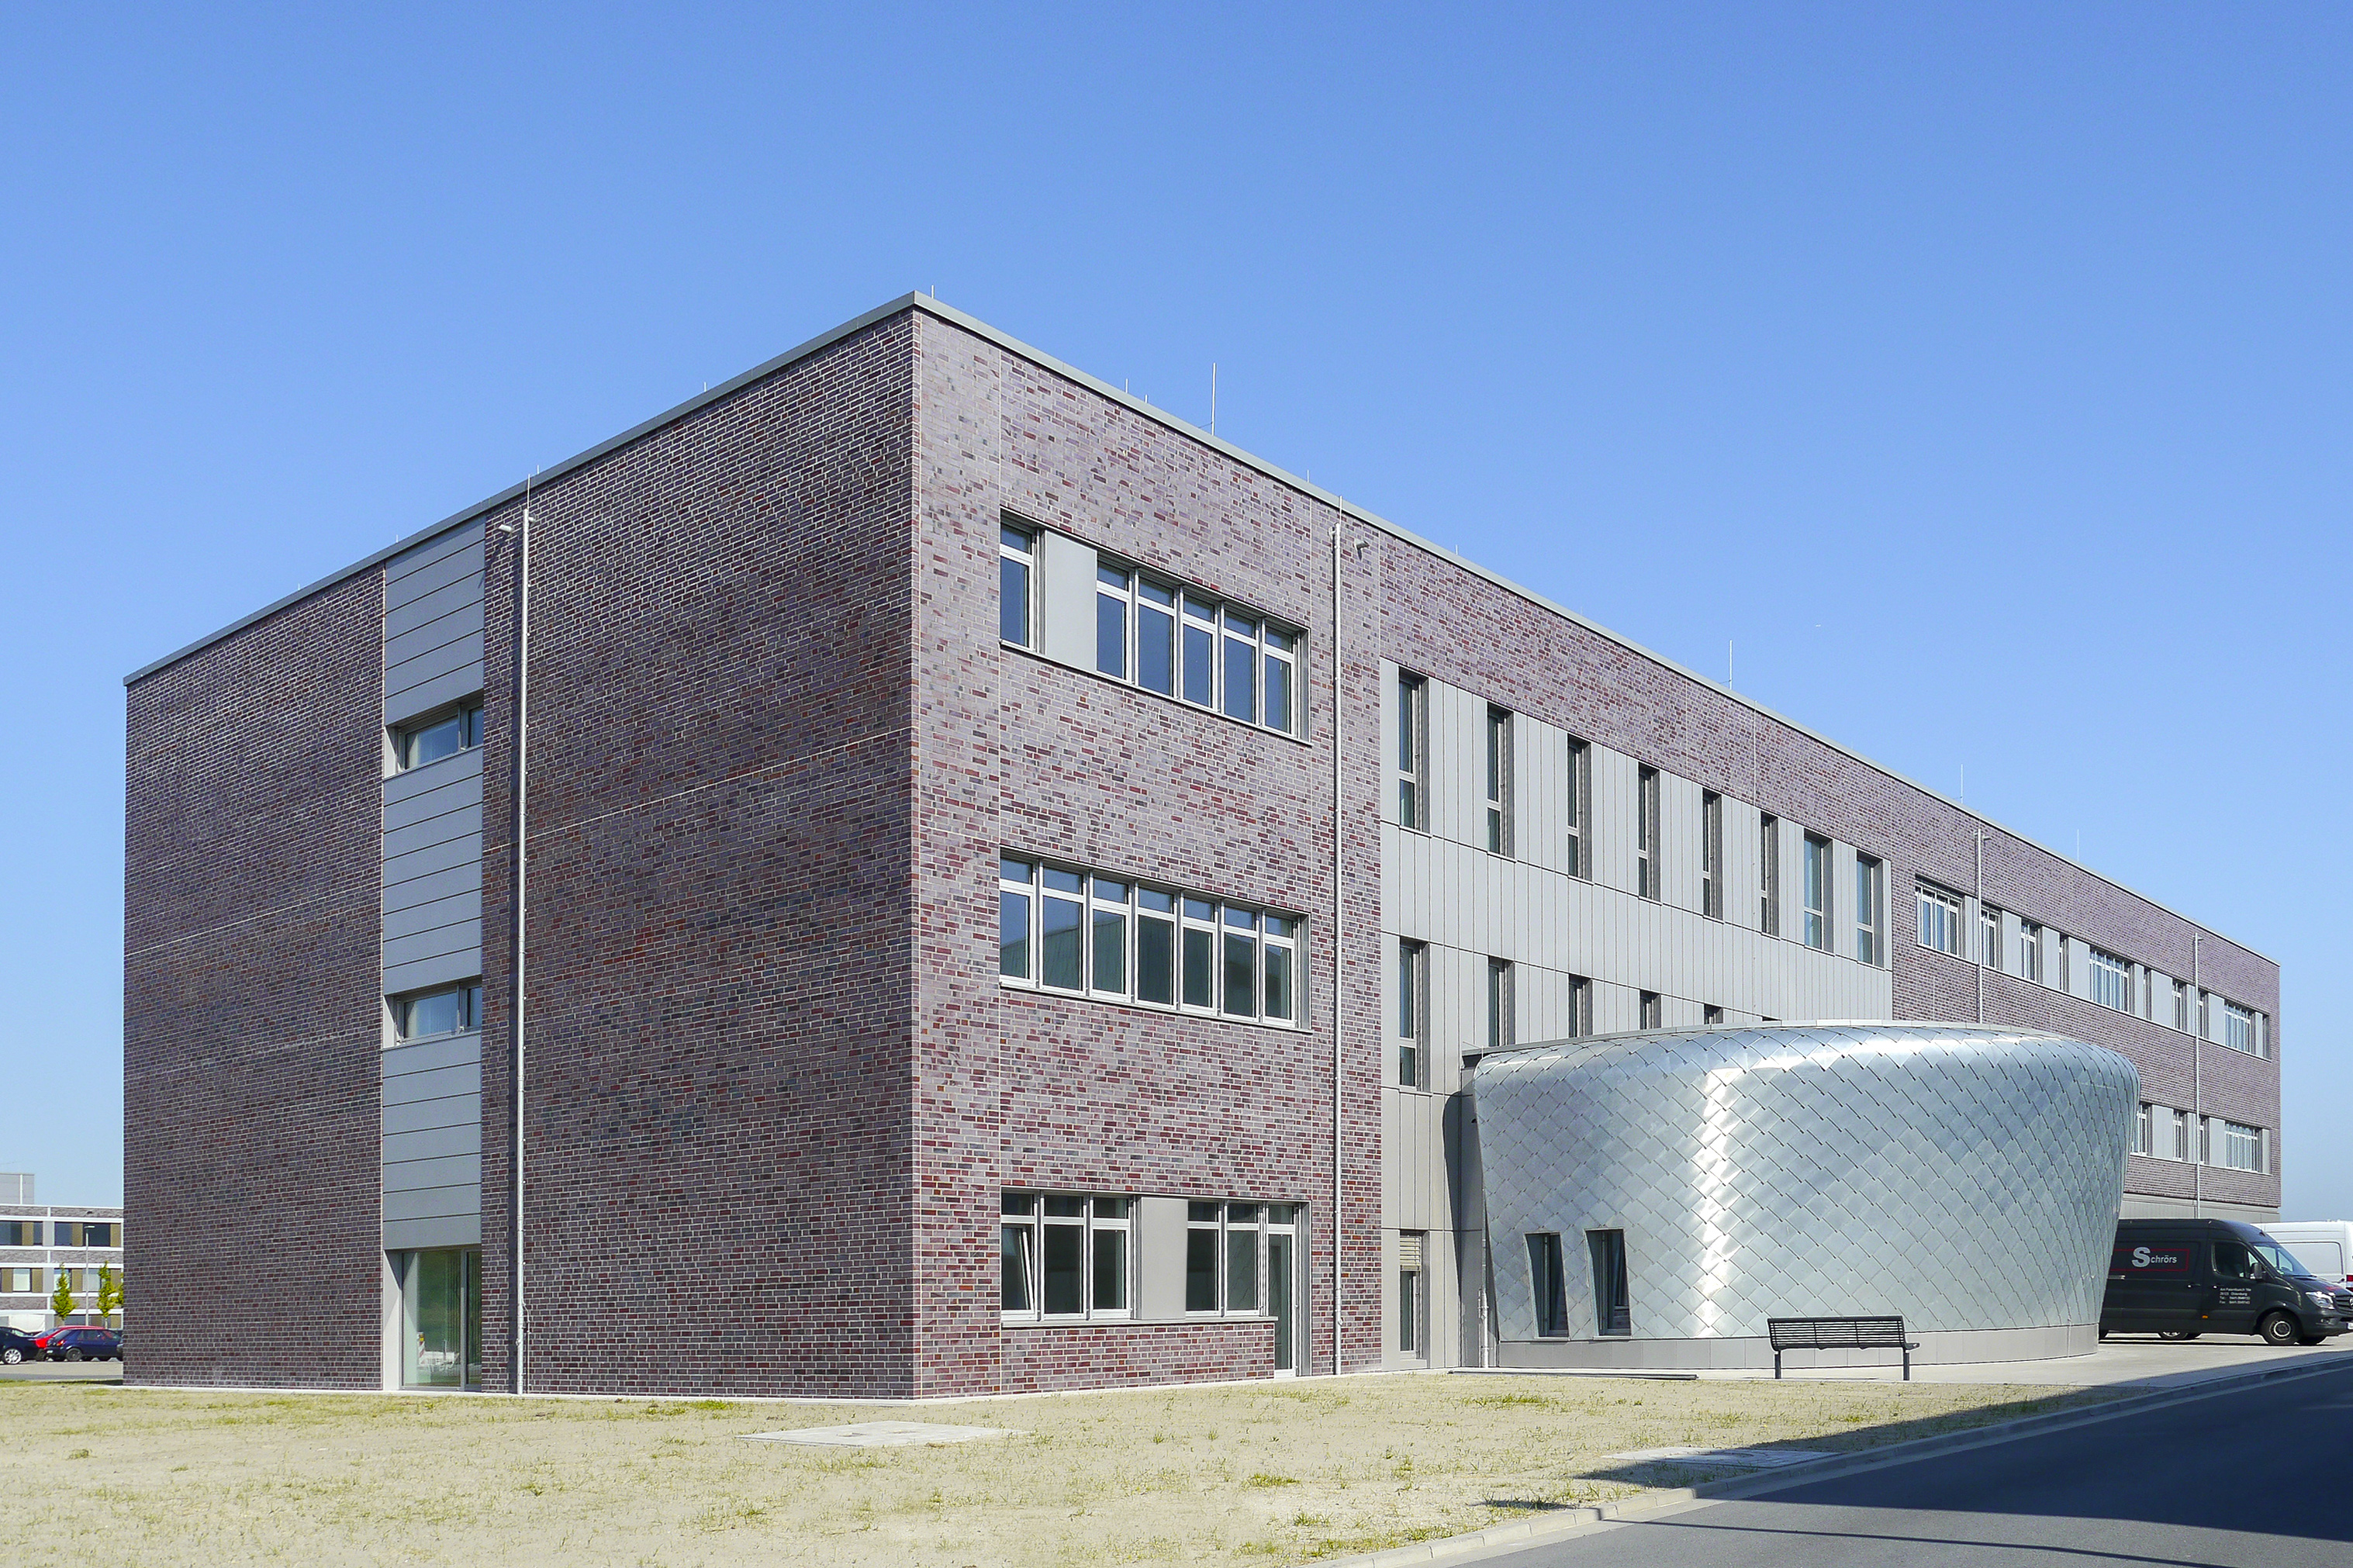 Lehrsaalgebäude